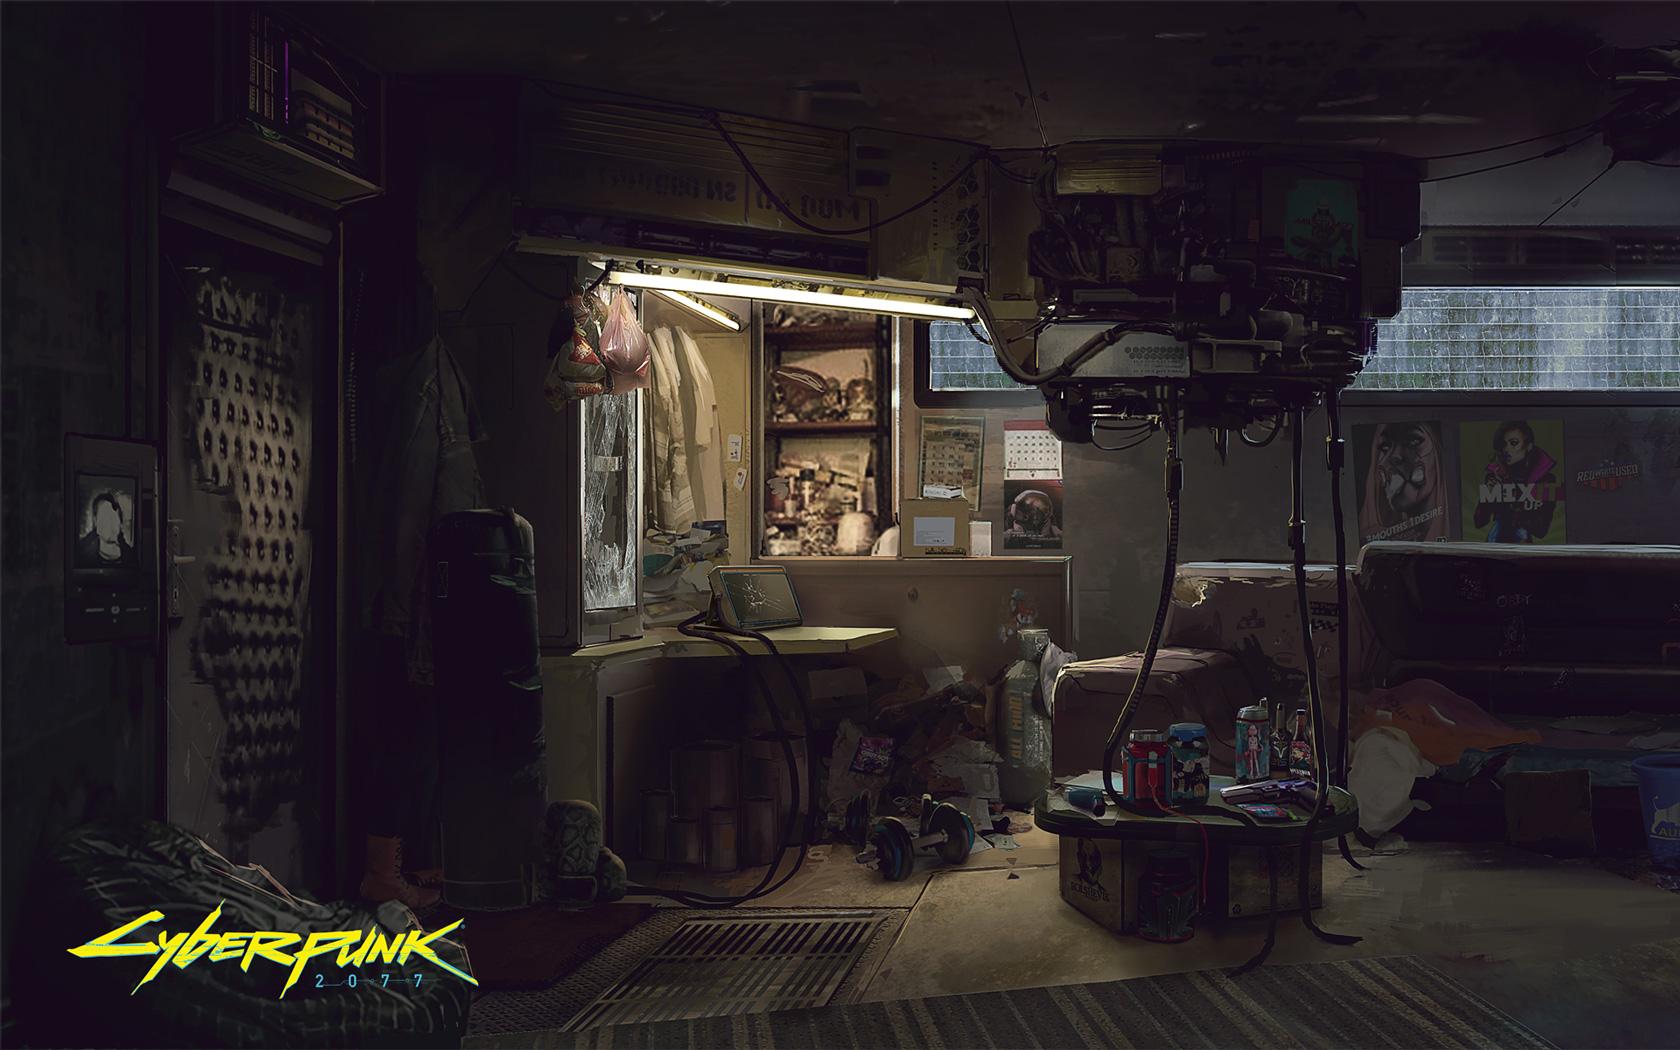 Free Cyberpunk 2077 Wallpaper in 1680x1050